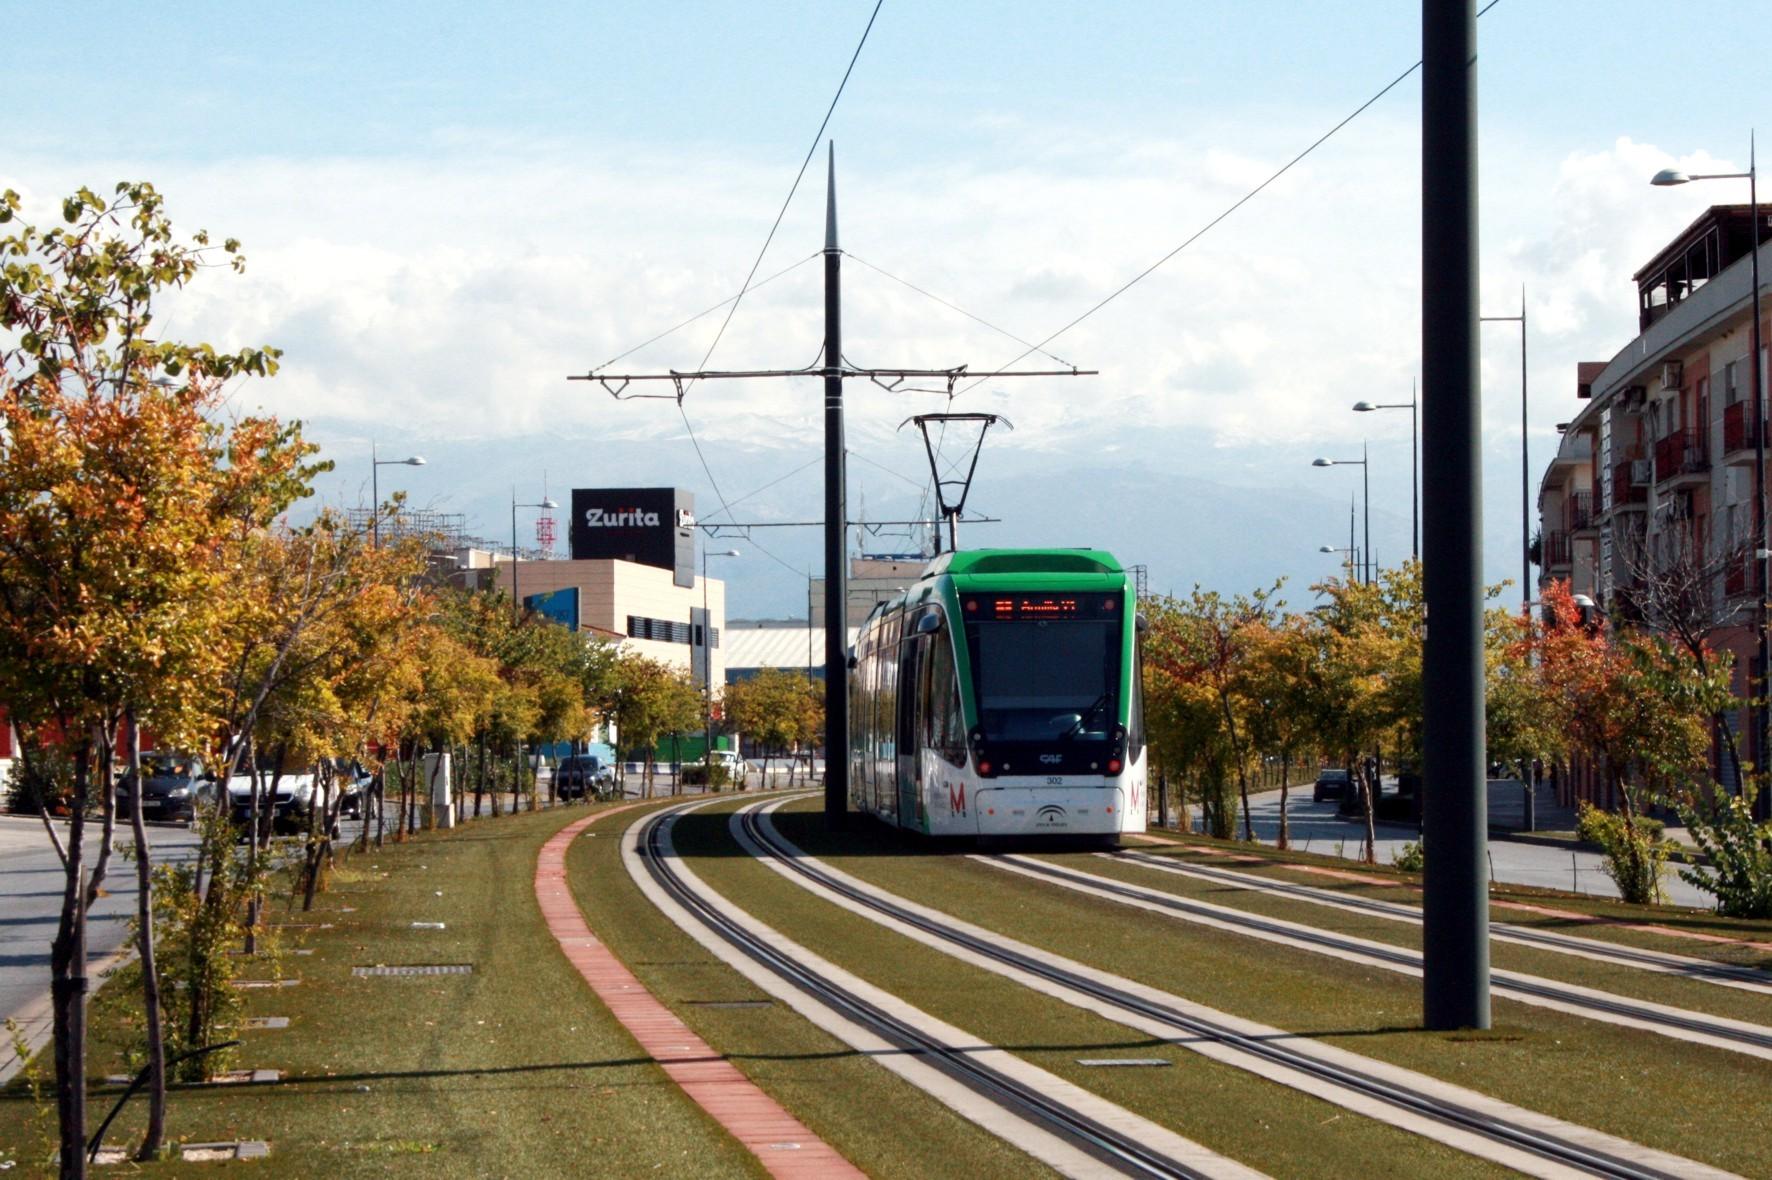 La Agencia de Obra Pública redactará los proyectos de ampliación del metro de Granada.